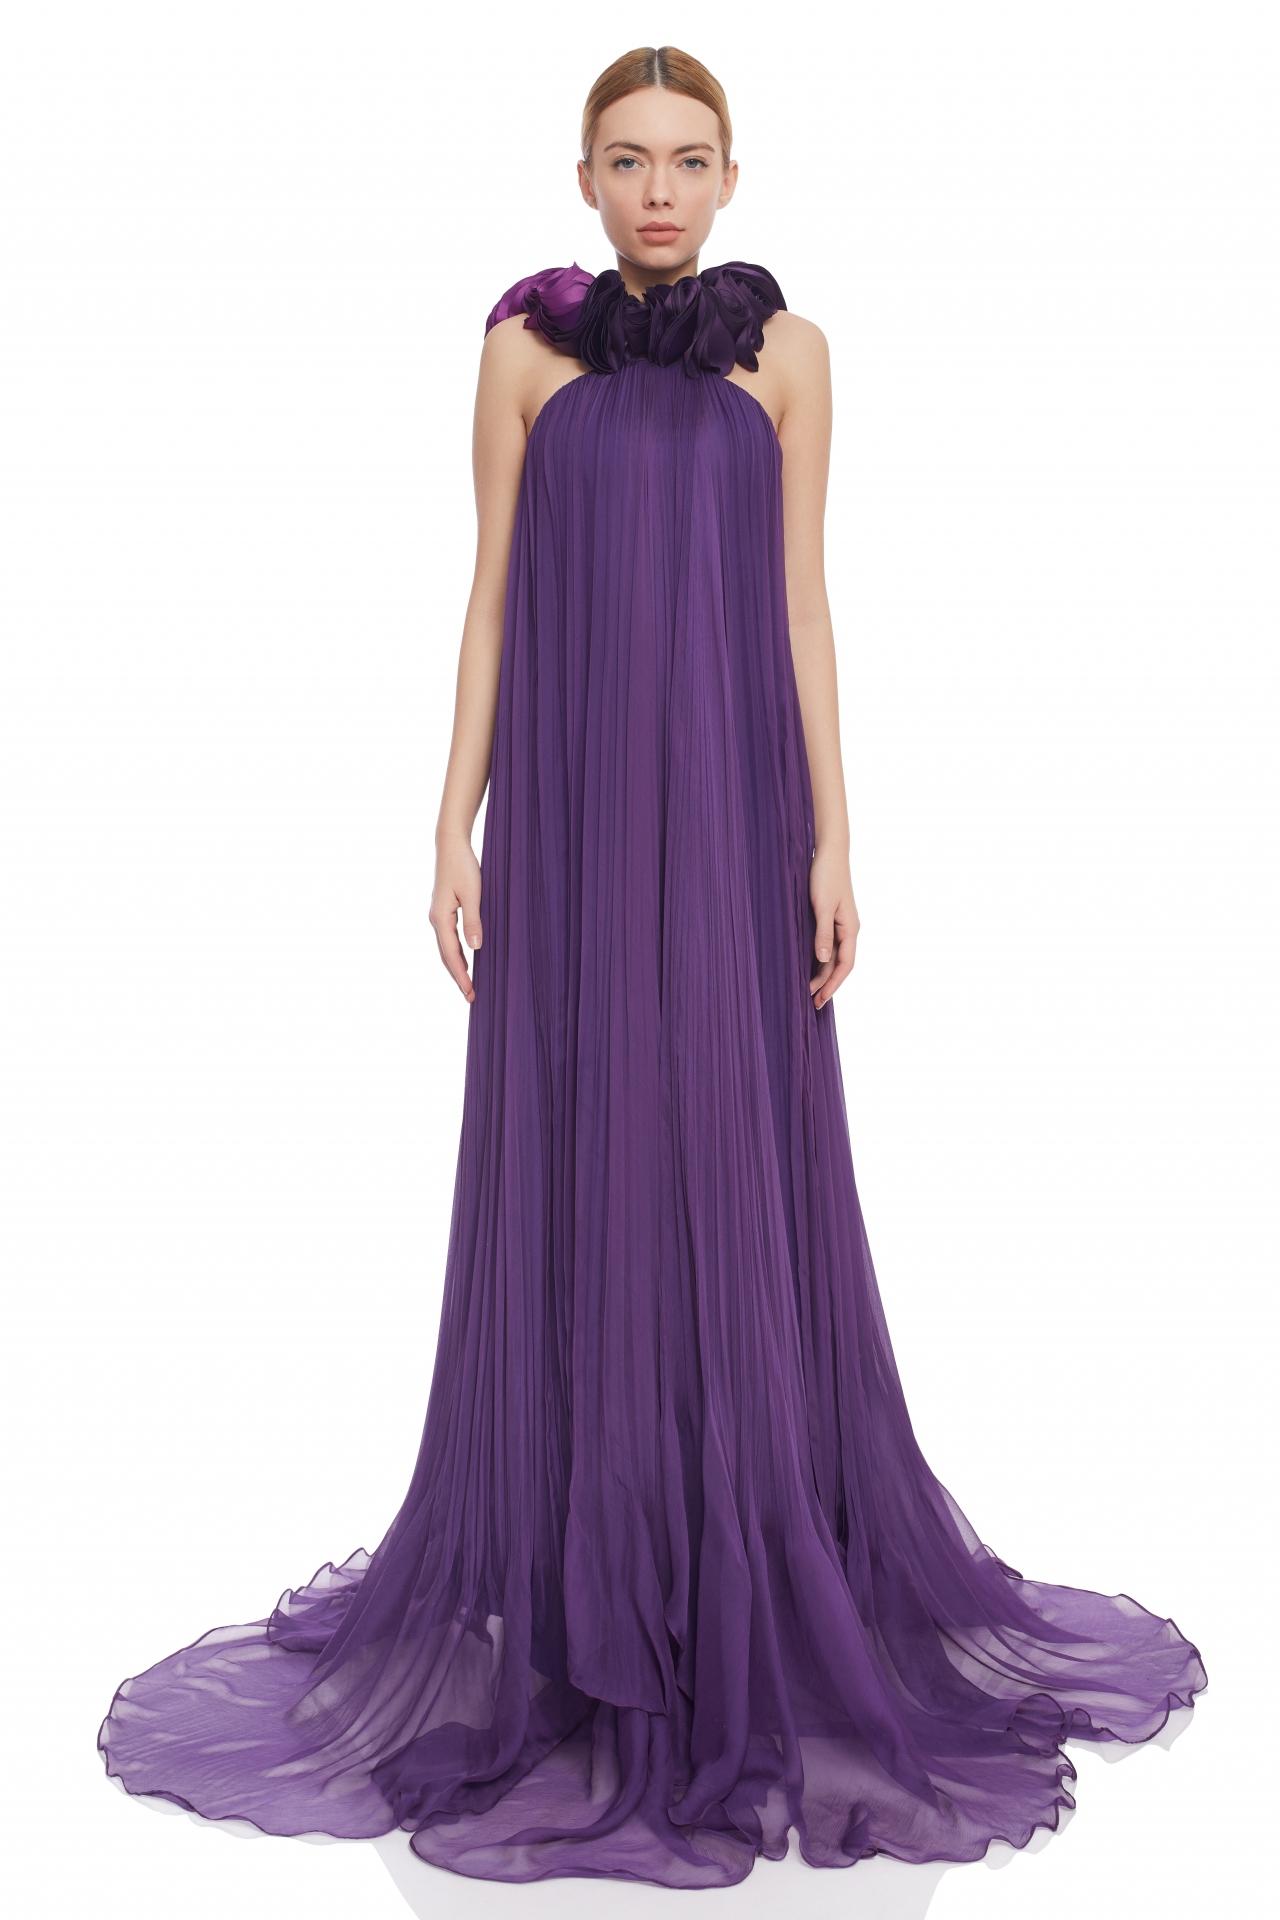 Purple silk evening gown